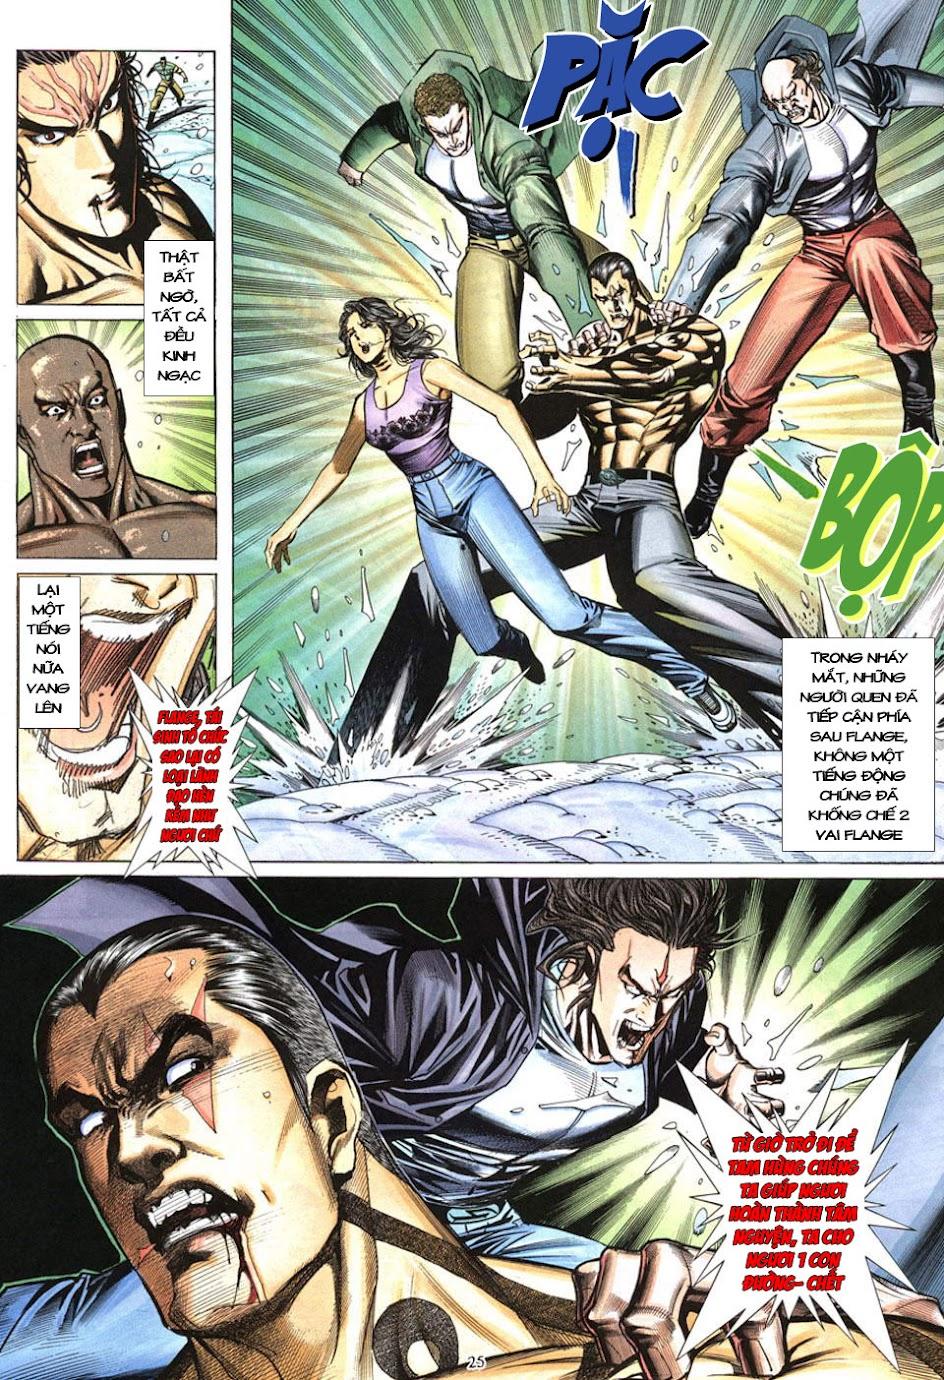 Phong Lôi chap 40 - Trang 26